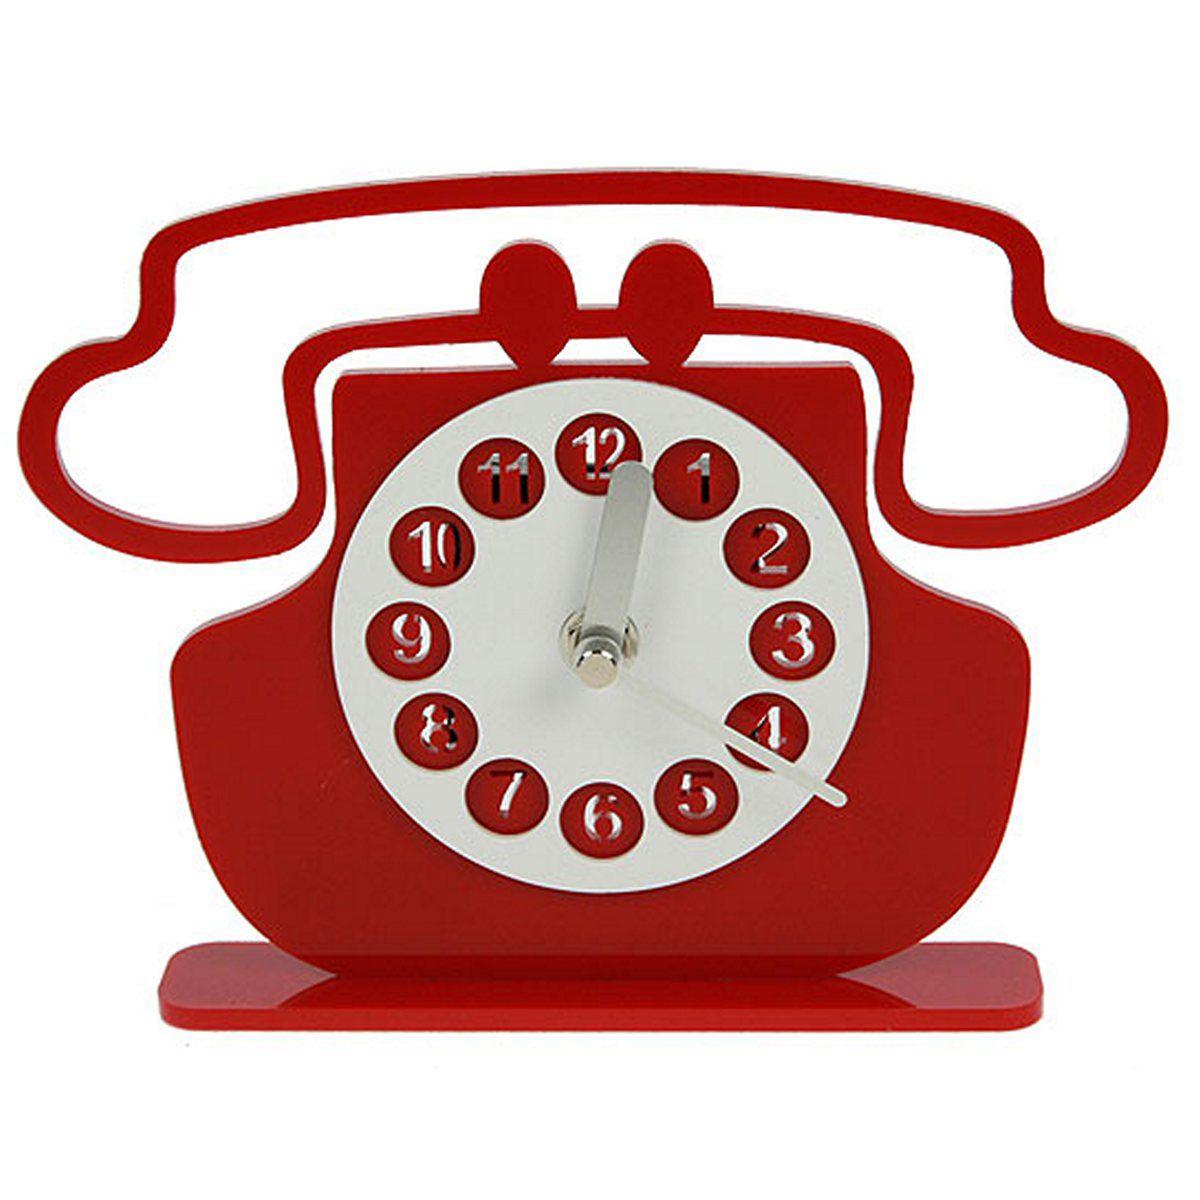 Часы настольные Русские Подарки Телефон, 20 х 15 см. 122424122424Настольные часы Русские подарки Телефон - очень оригинальные и стильные настольные часы. Корпус выполнен из полиамида. Они прекрасно впишутся практически в любой интерьер и станут превосходным украшением вашей комнаты. Это красивый и практичный подарок на любое торжество для родных и близких.